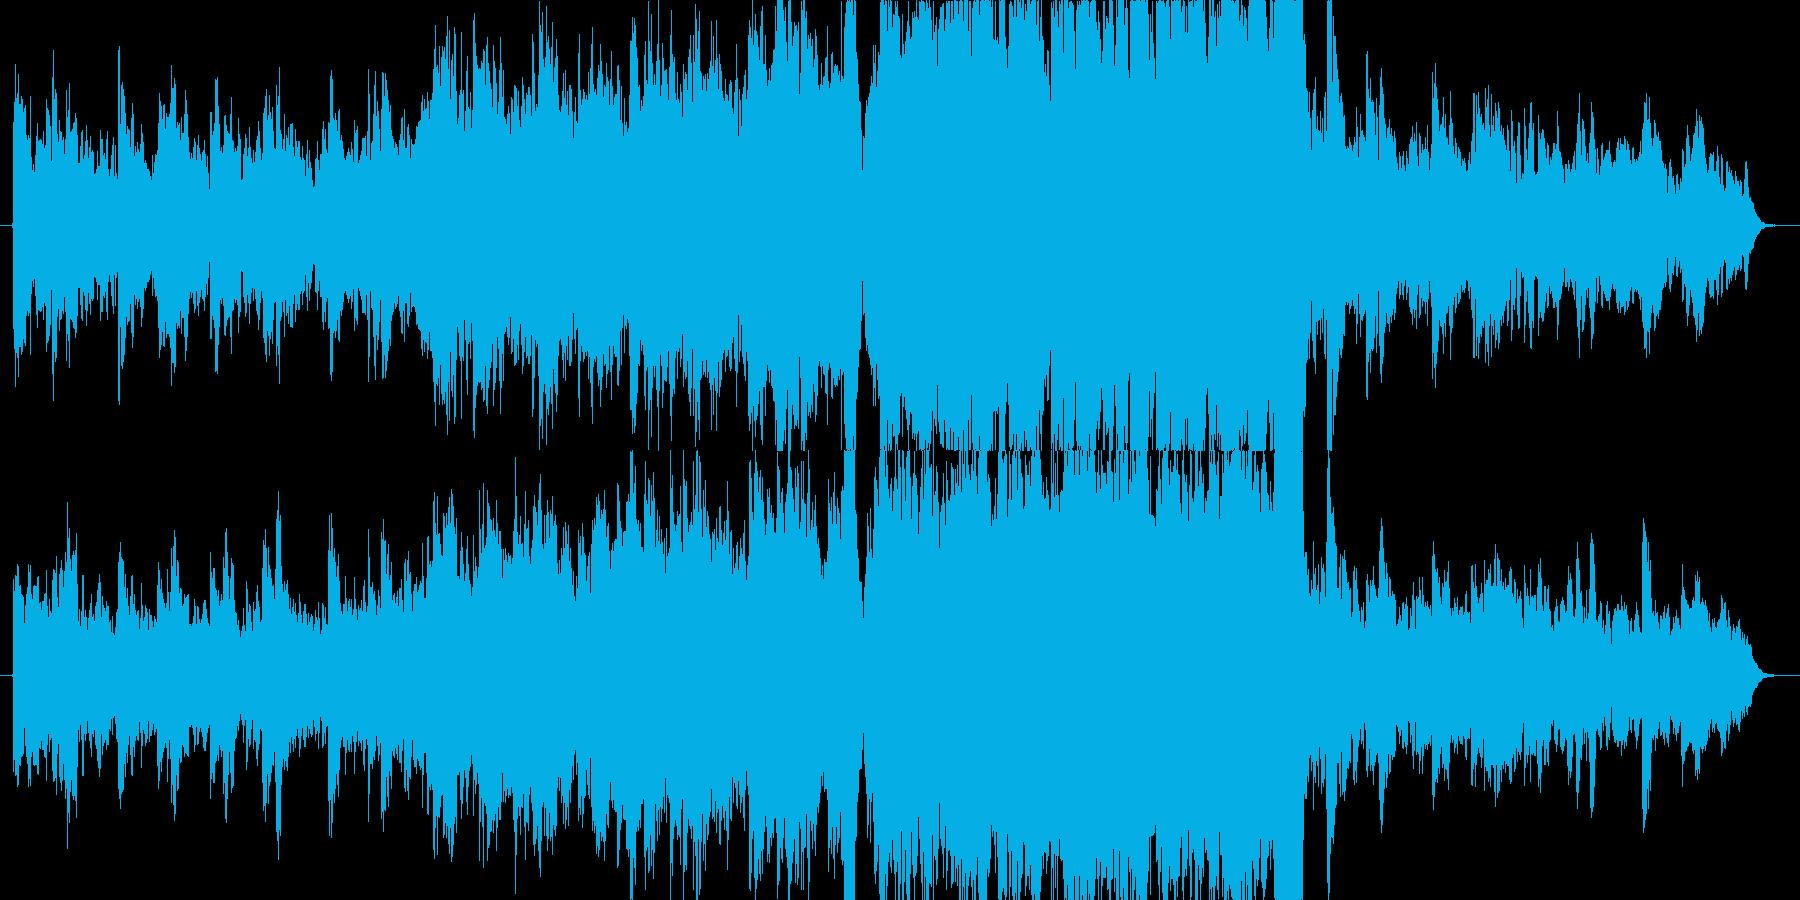 感動的なEpic Soundの再生済みの波形